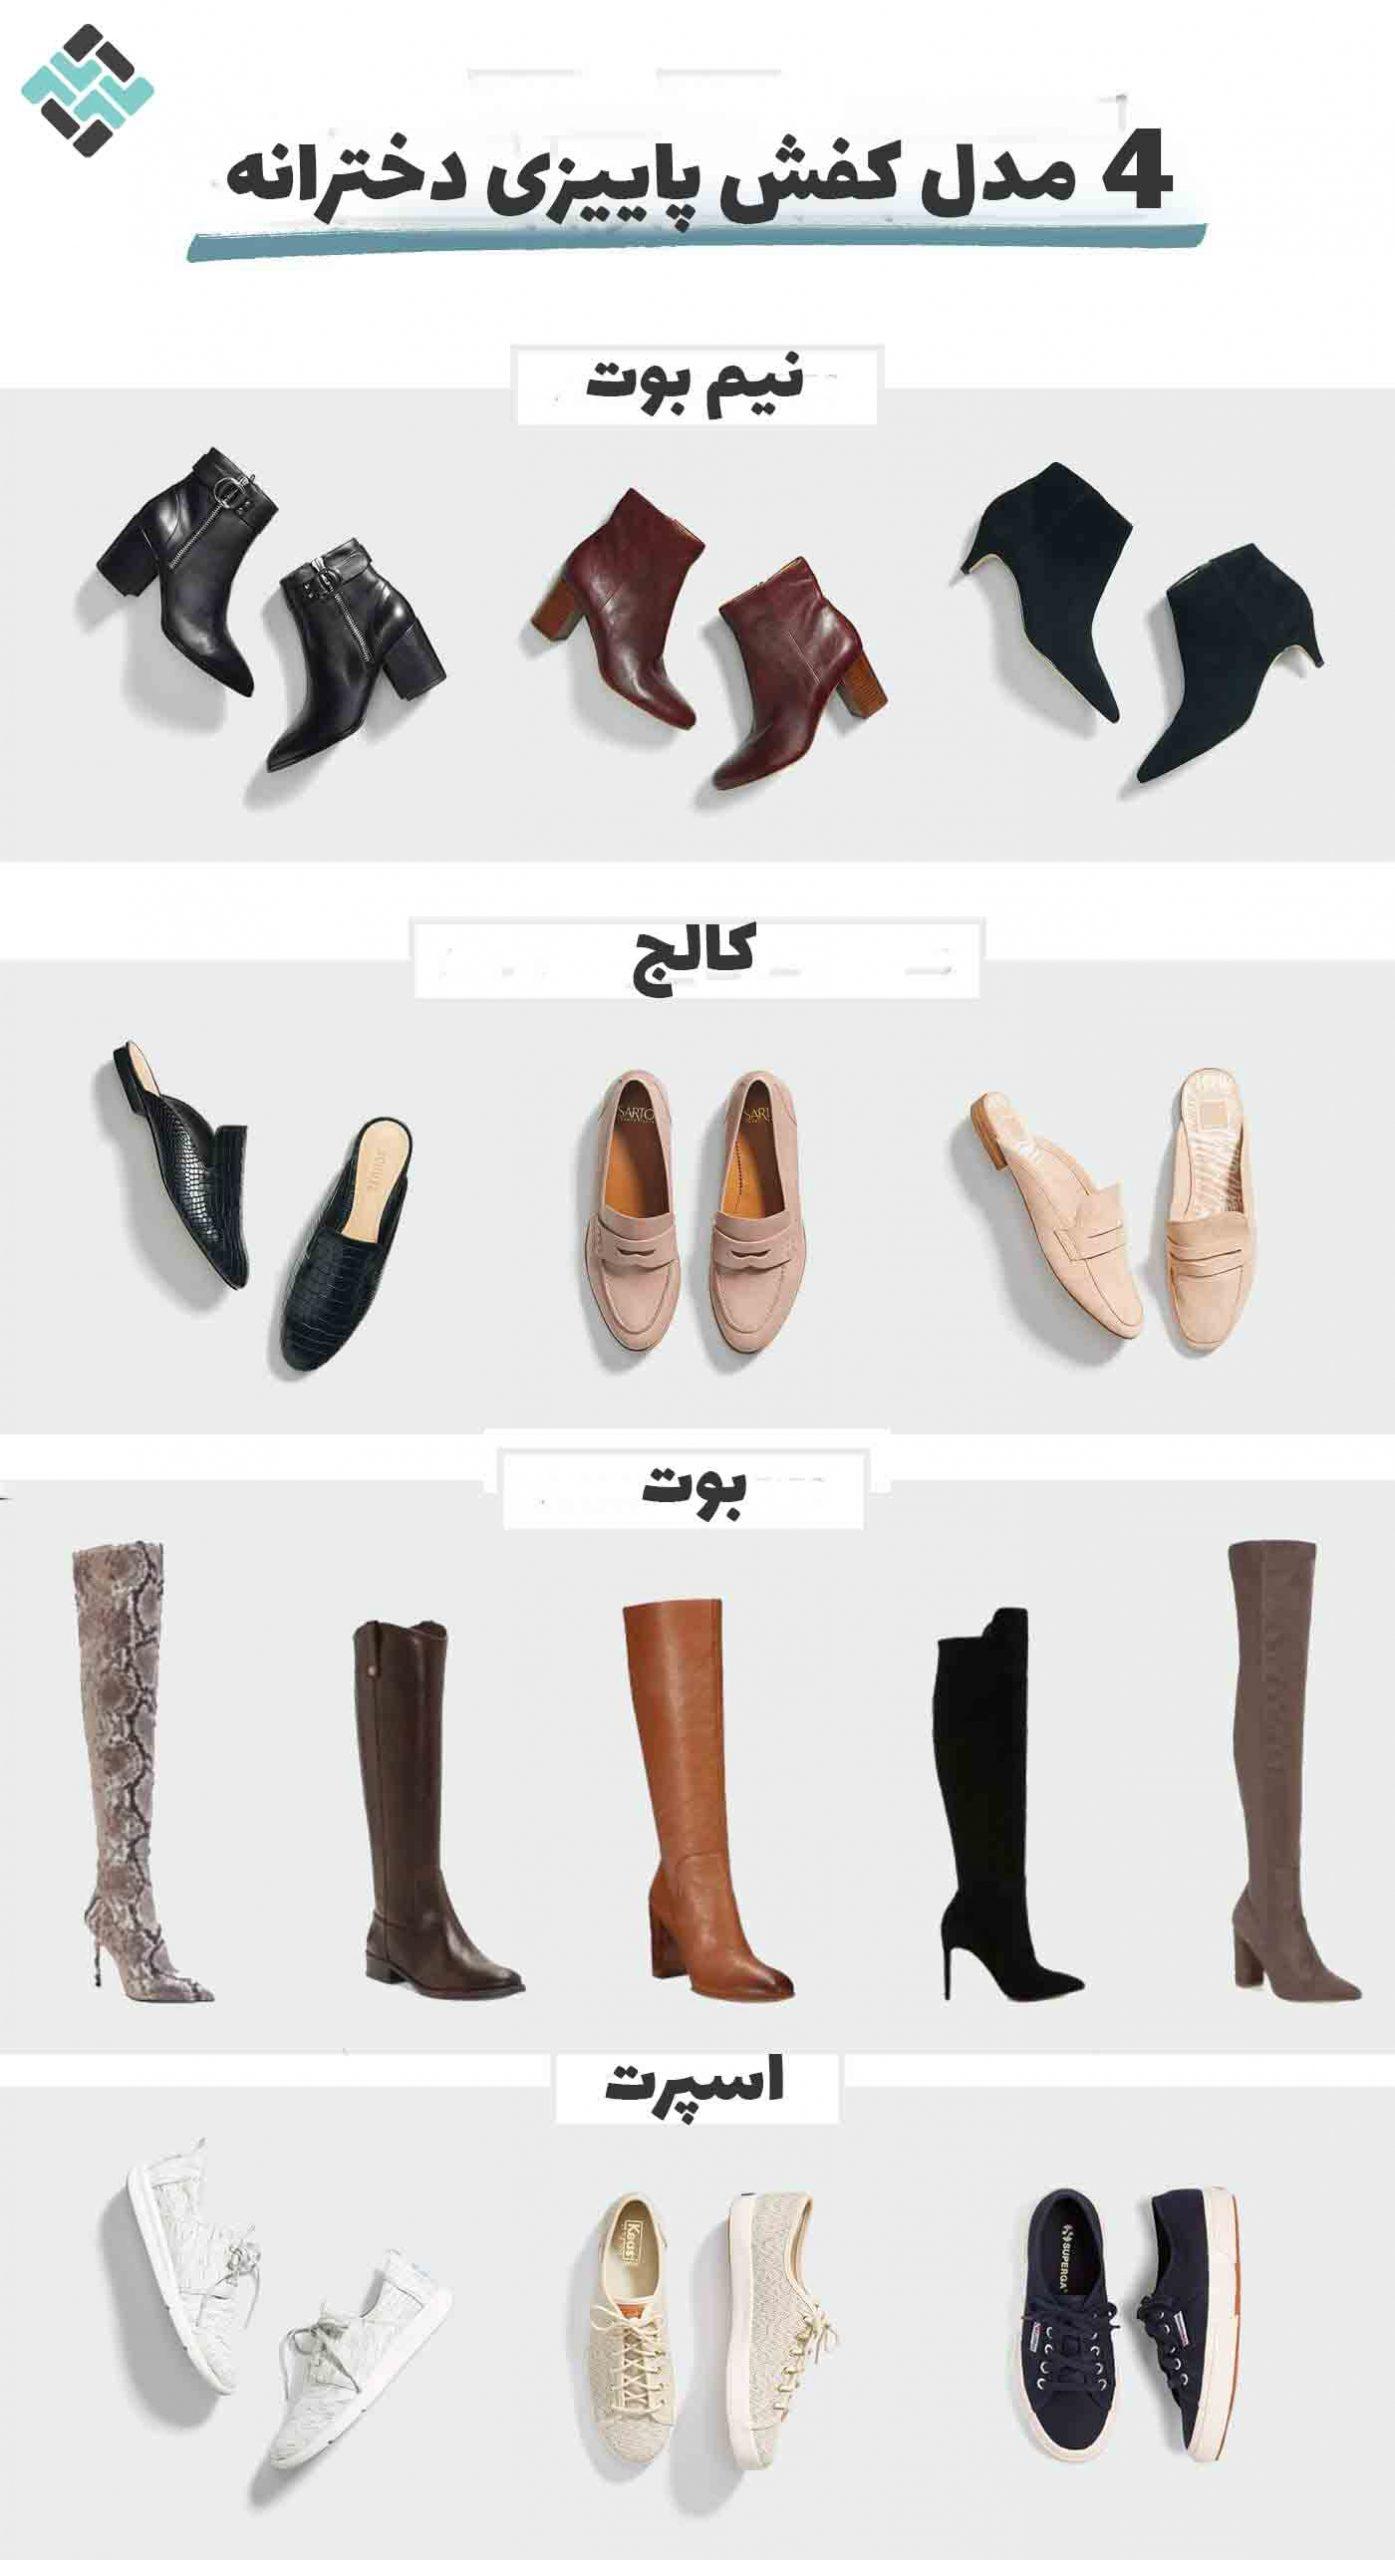 کفش های پاییزی دخترانه همیشه مد